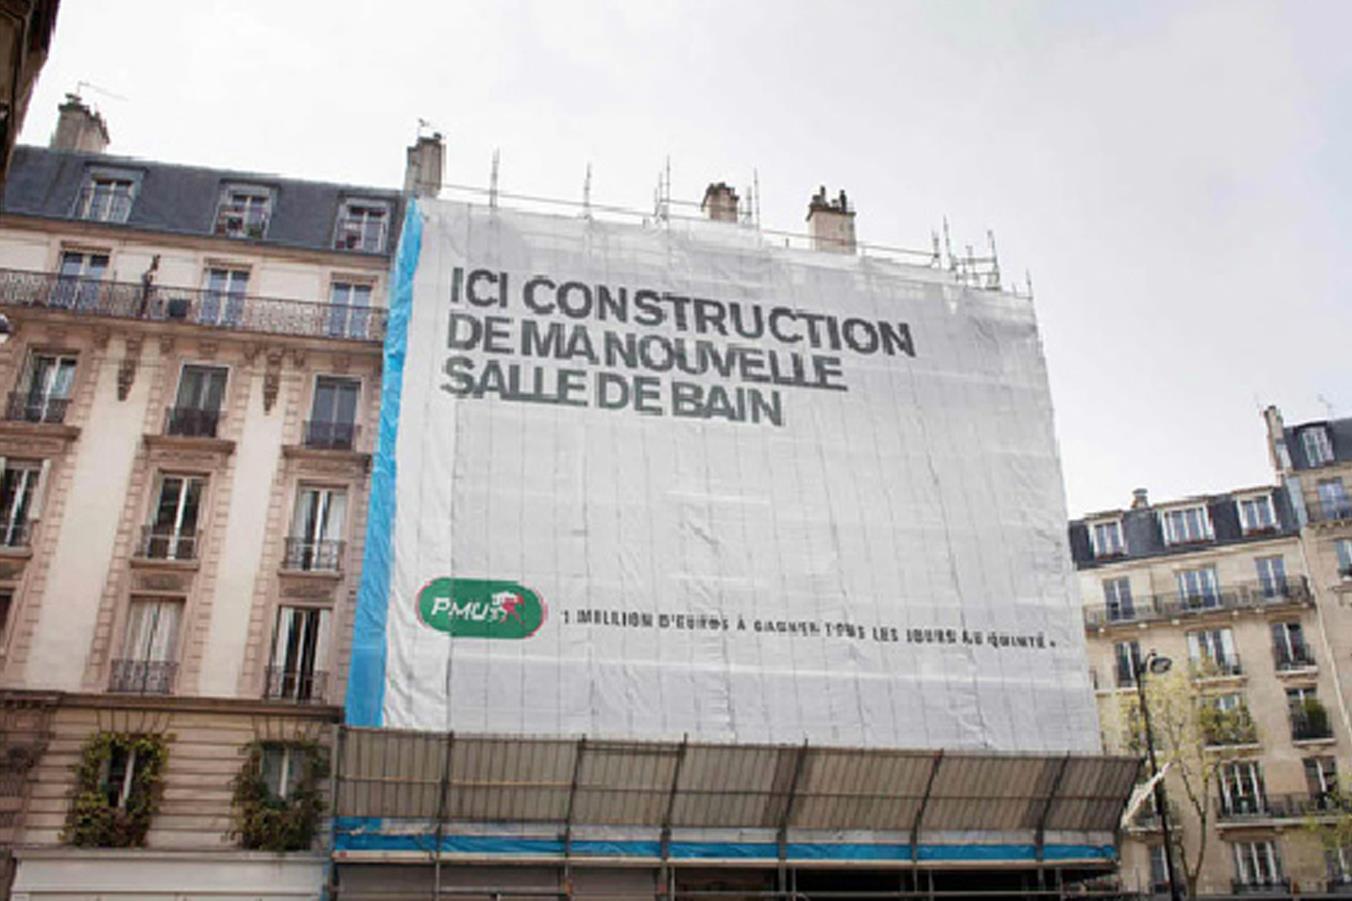 Pmu construction salle de bain un regard certain for Construction salle de bain